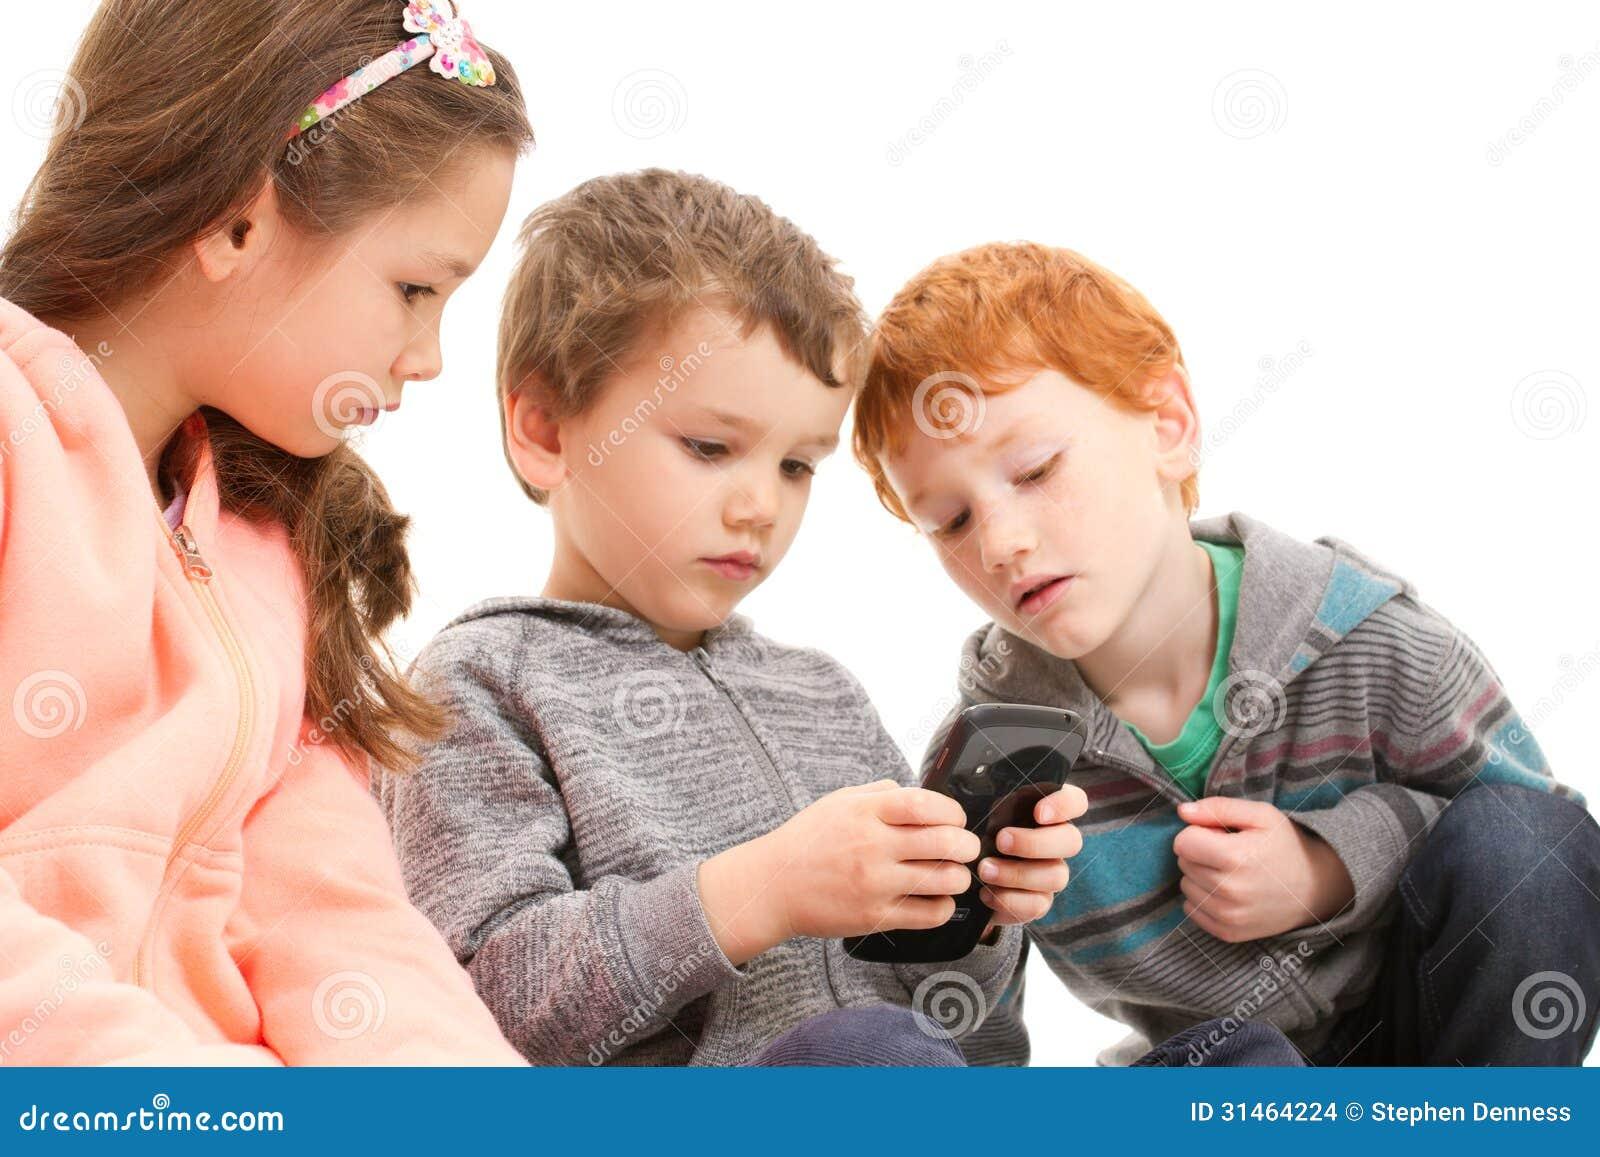 Handy Spiele Kostenlos Spielen